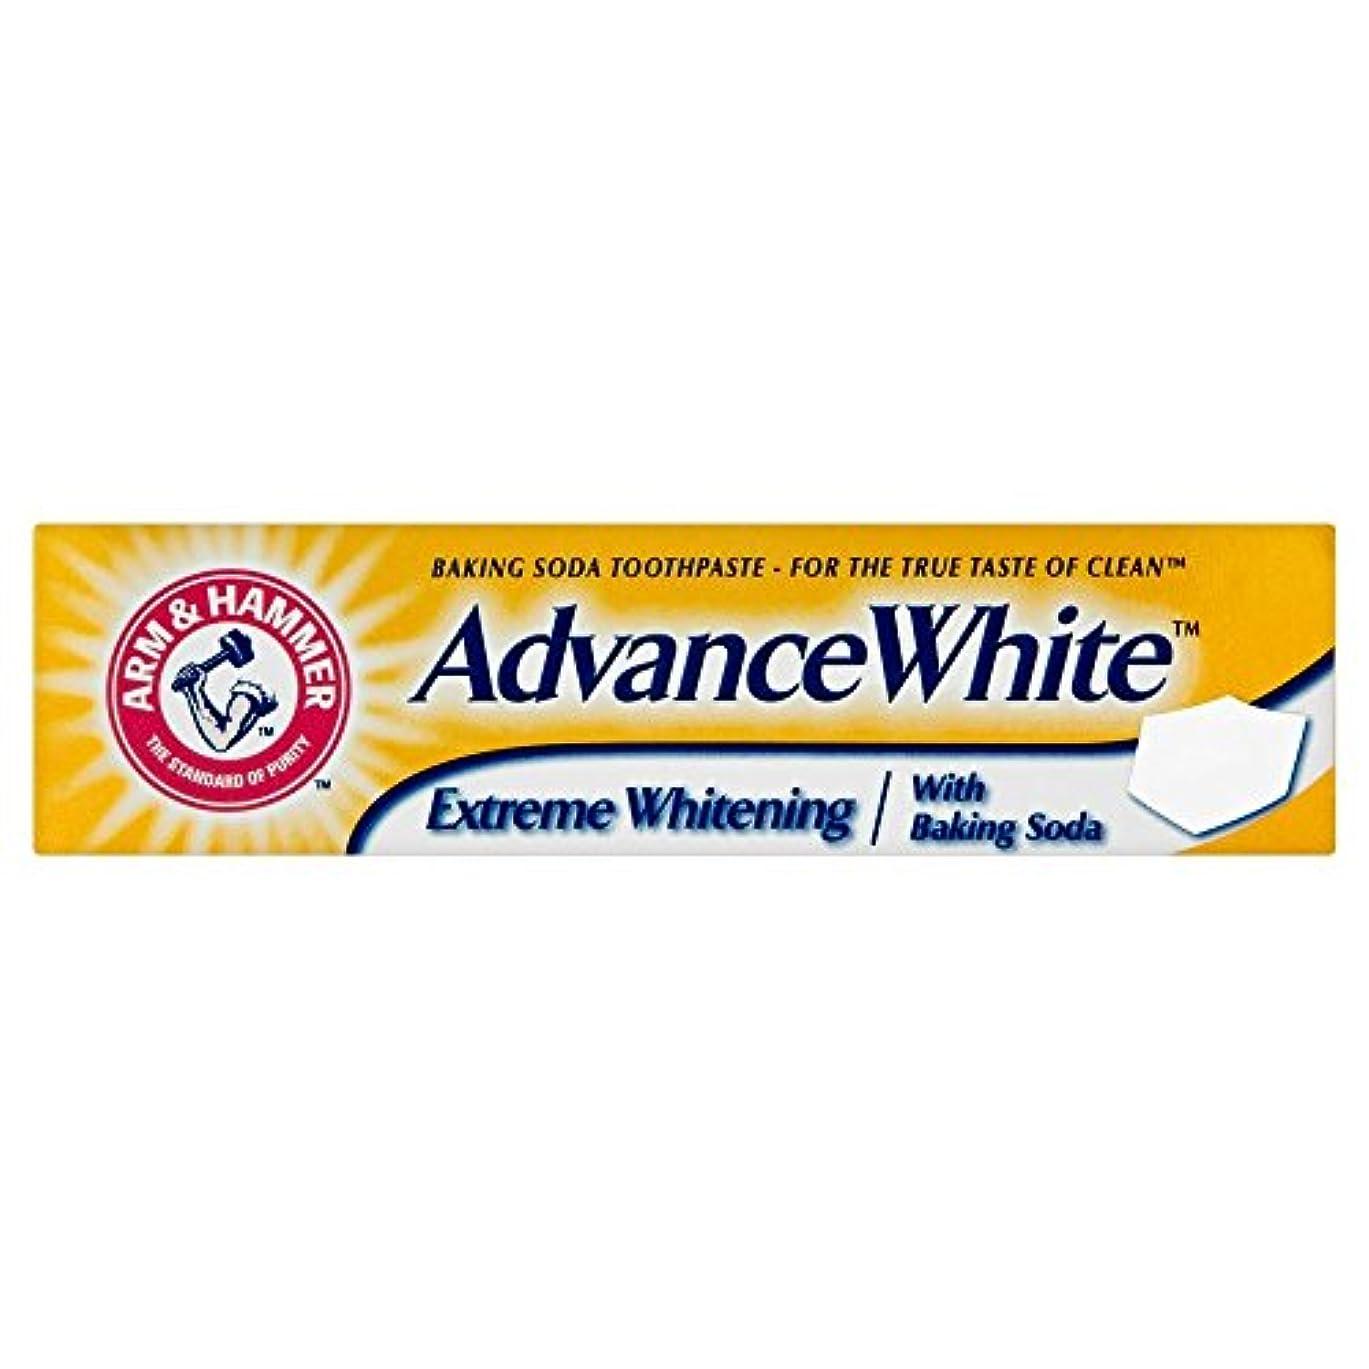 過激派企業戸口Arm & Hammer Advanced Whitening Toothpaste Tube (75ml) アームとハンマーは美白高度な歯磨き粉のチューブ( 75ミリリットル) [並行輸入品]